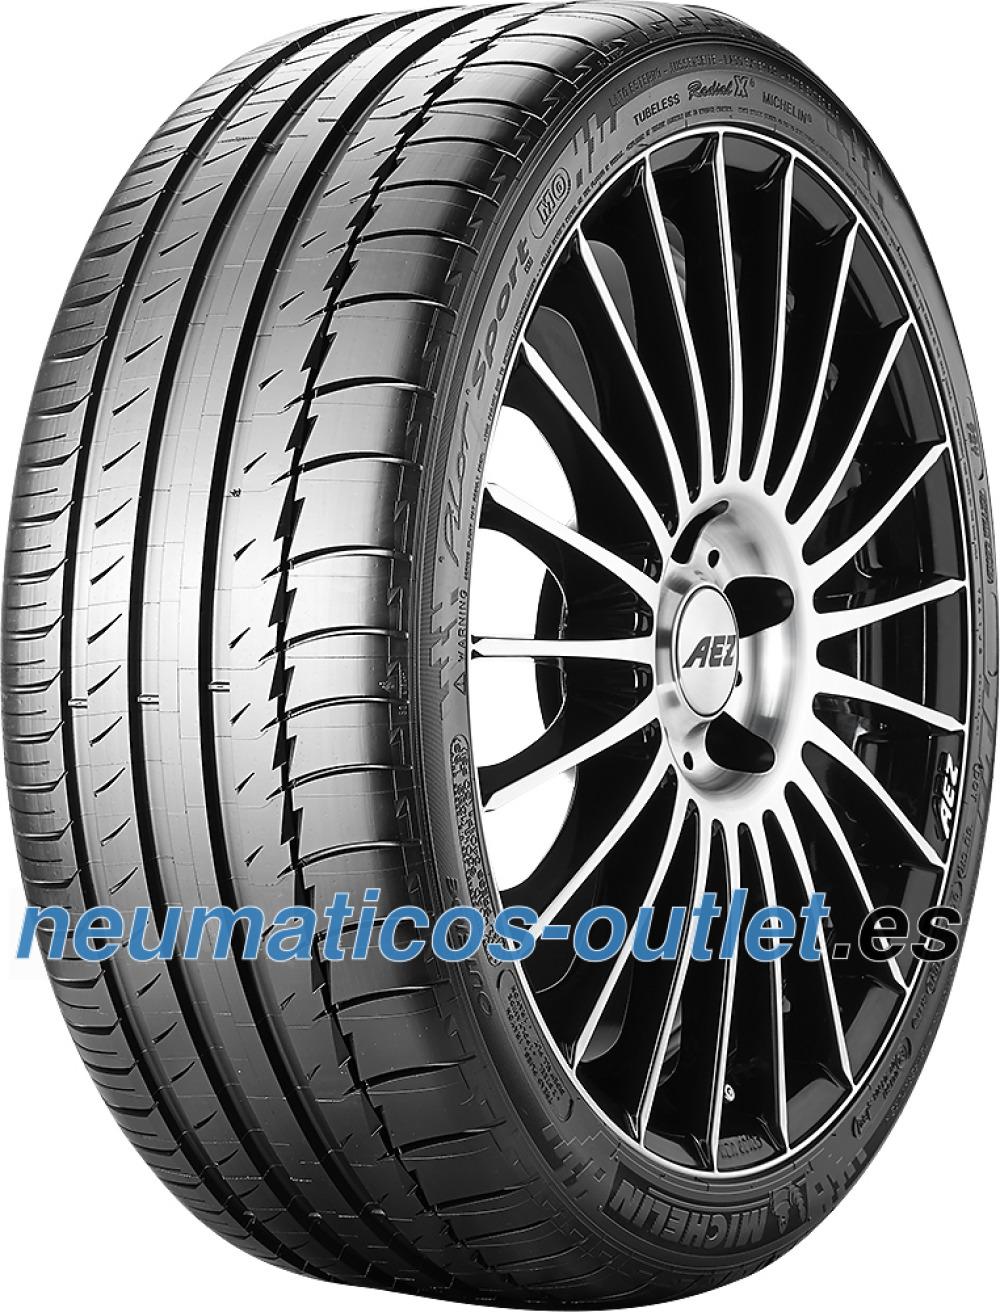 Michelin Pilot Sport PS2 ( 295/25 ZR22 (97Y) XL con cordón de protección de llanta (FSL) )